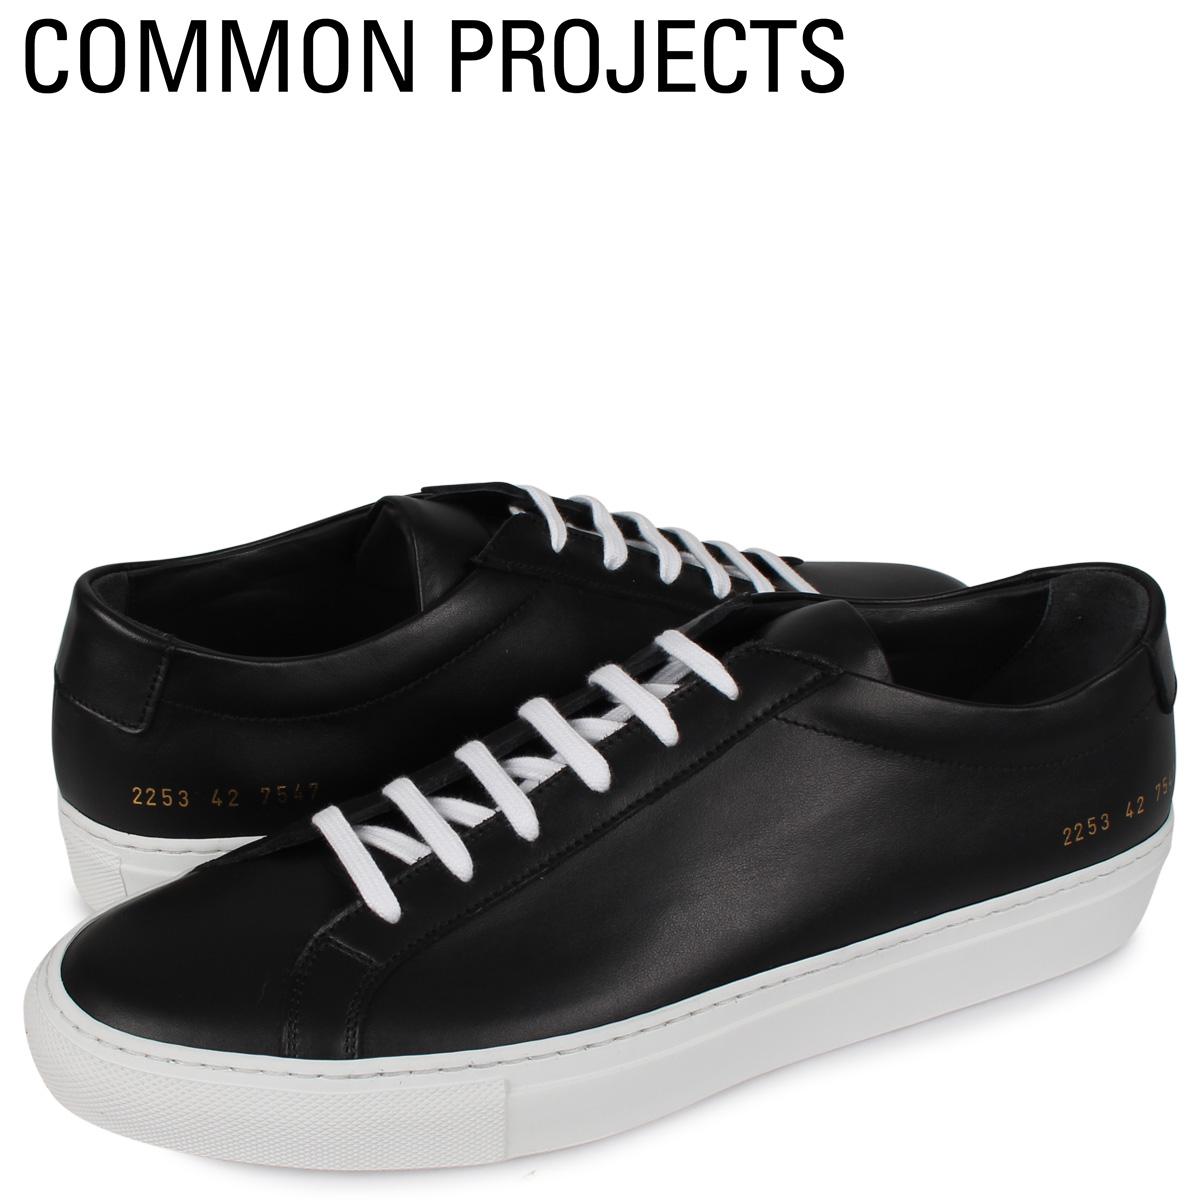 コモンプロジェクト Common Projects アキレス ロー スニーカー メンズ ACHILLES LOW WHITE SOLE ブラック 黒 2253-7547 [4/2新入荷]